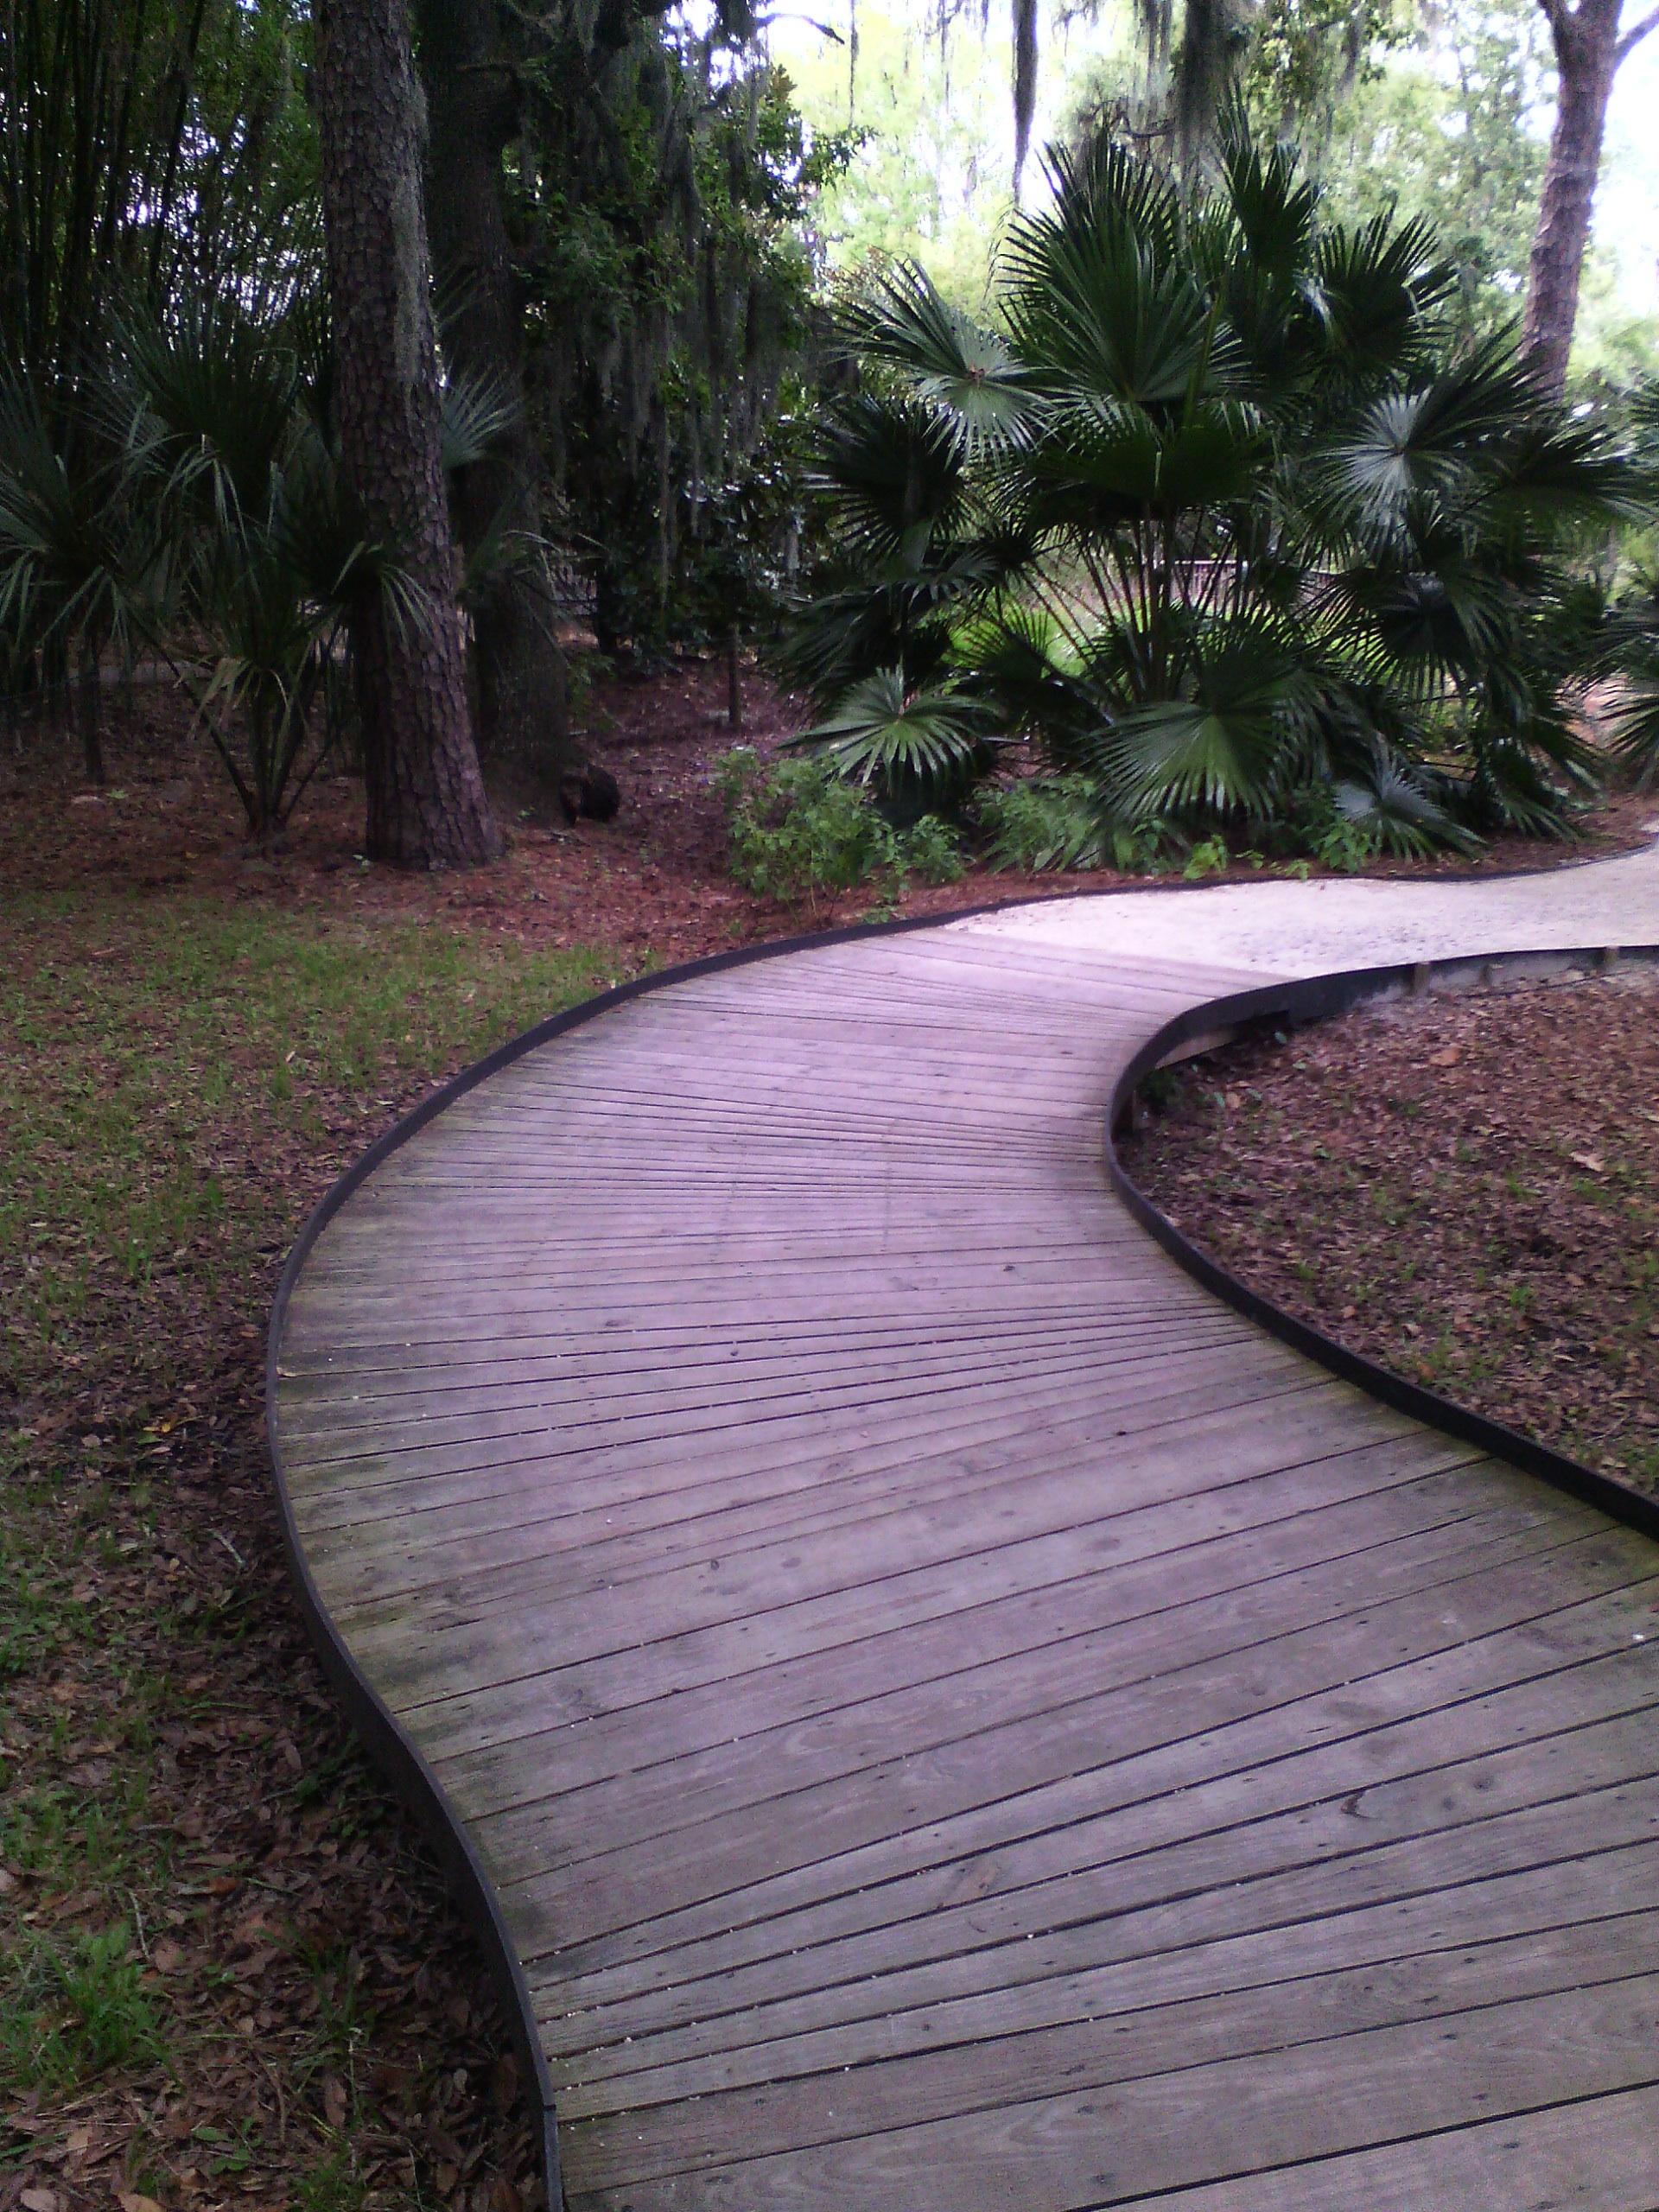 images gratuites paysage herbe pelouse trottoir passerelle arri re cour jardin. Black Bedroom Furniture Sets. Home Design Ideas